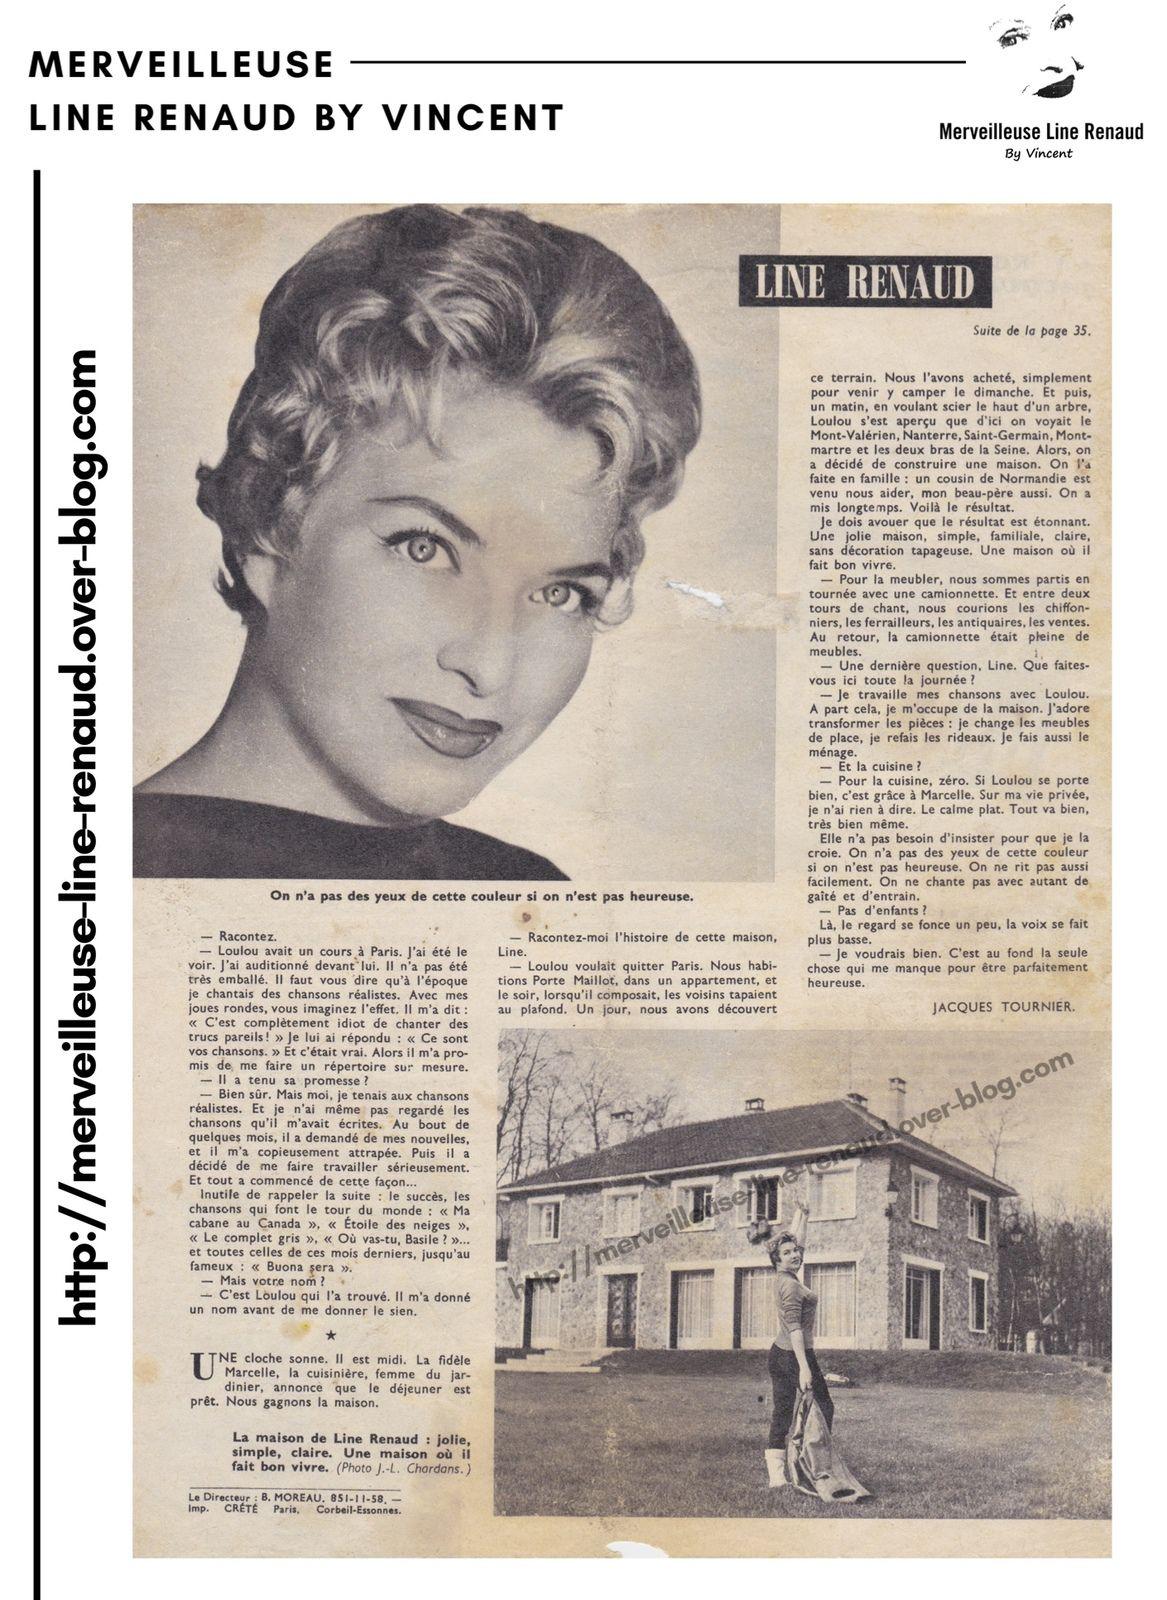 PRESSE: Les Veillées - n°223 - 20 Décembre 1958